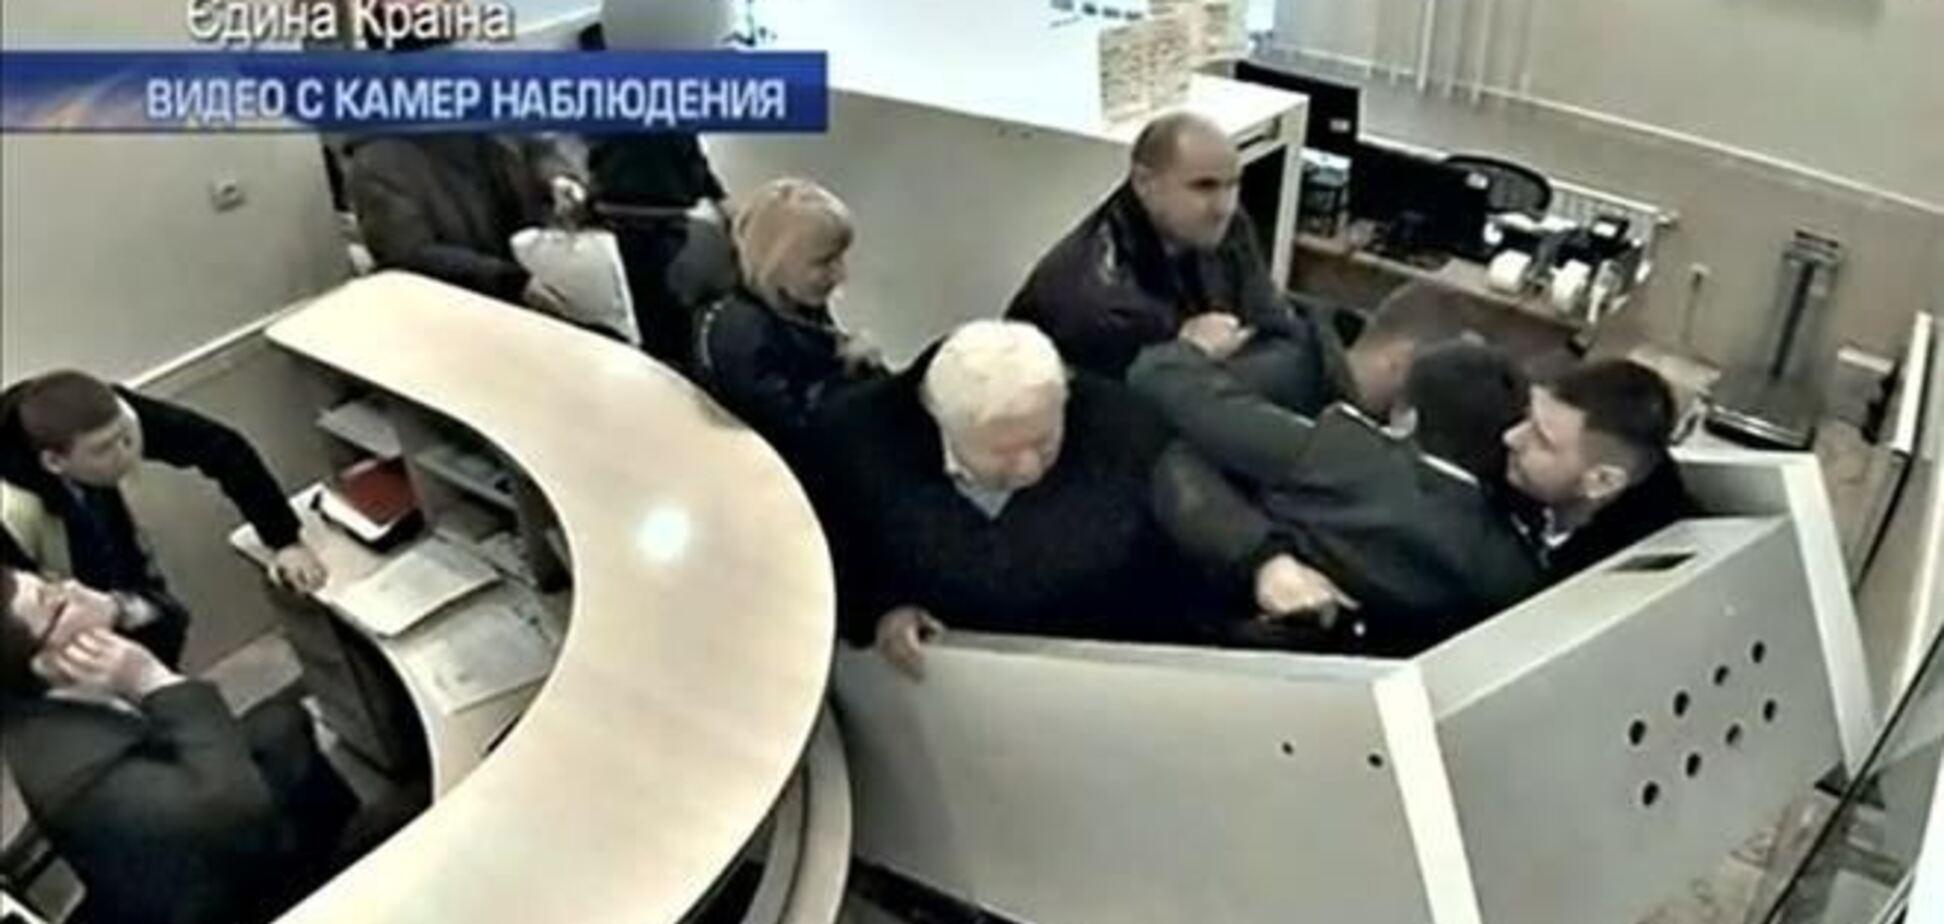 Клименко радий, що збереглося відео, на якому видно, що він 'виходив з аеропорту в місто'